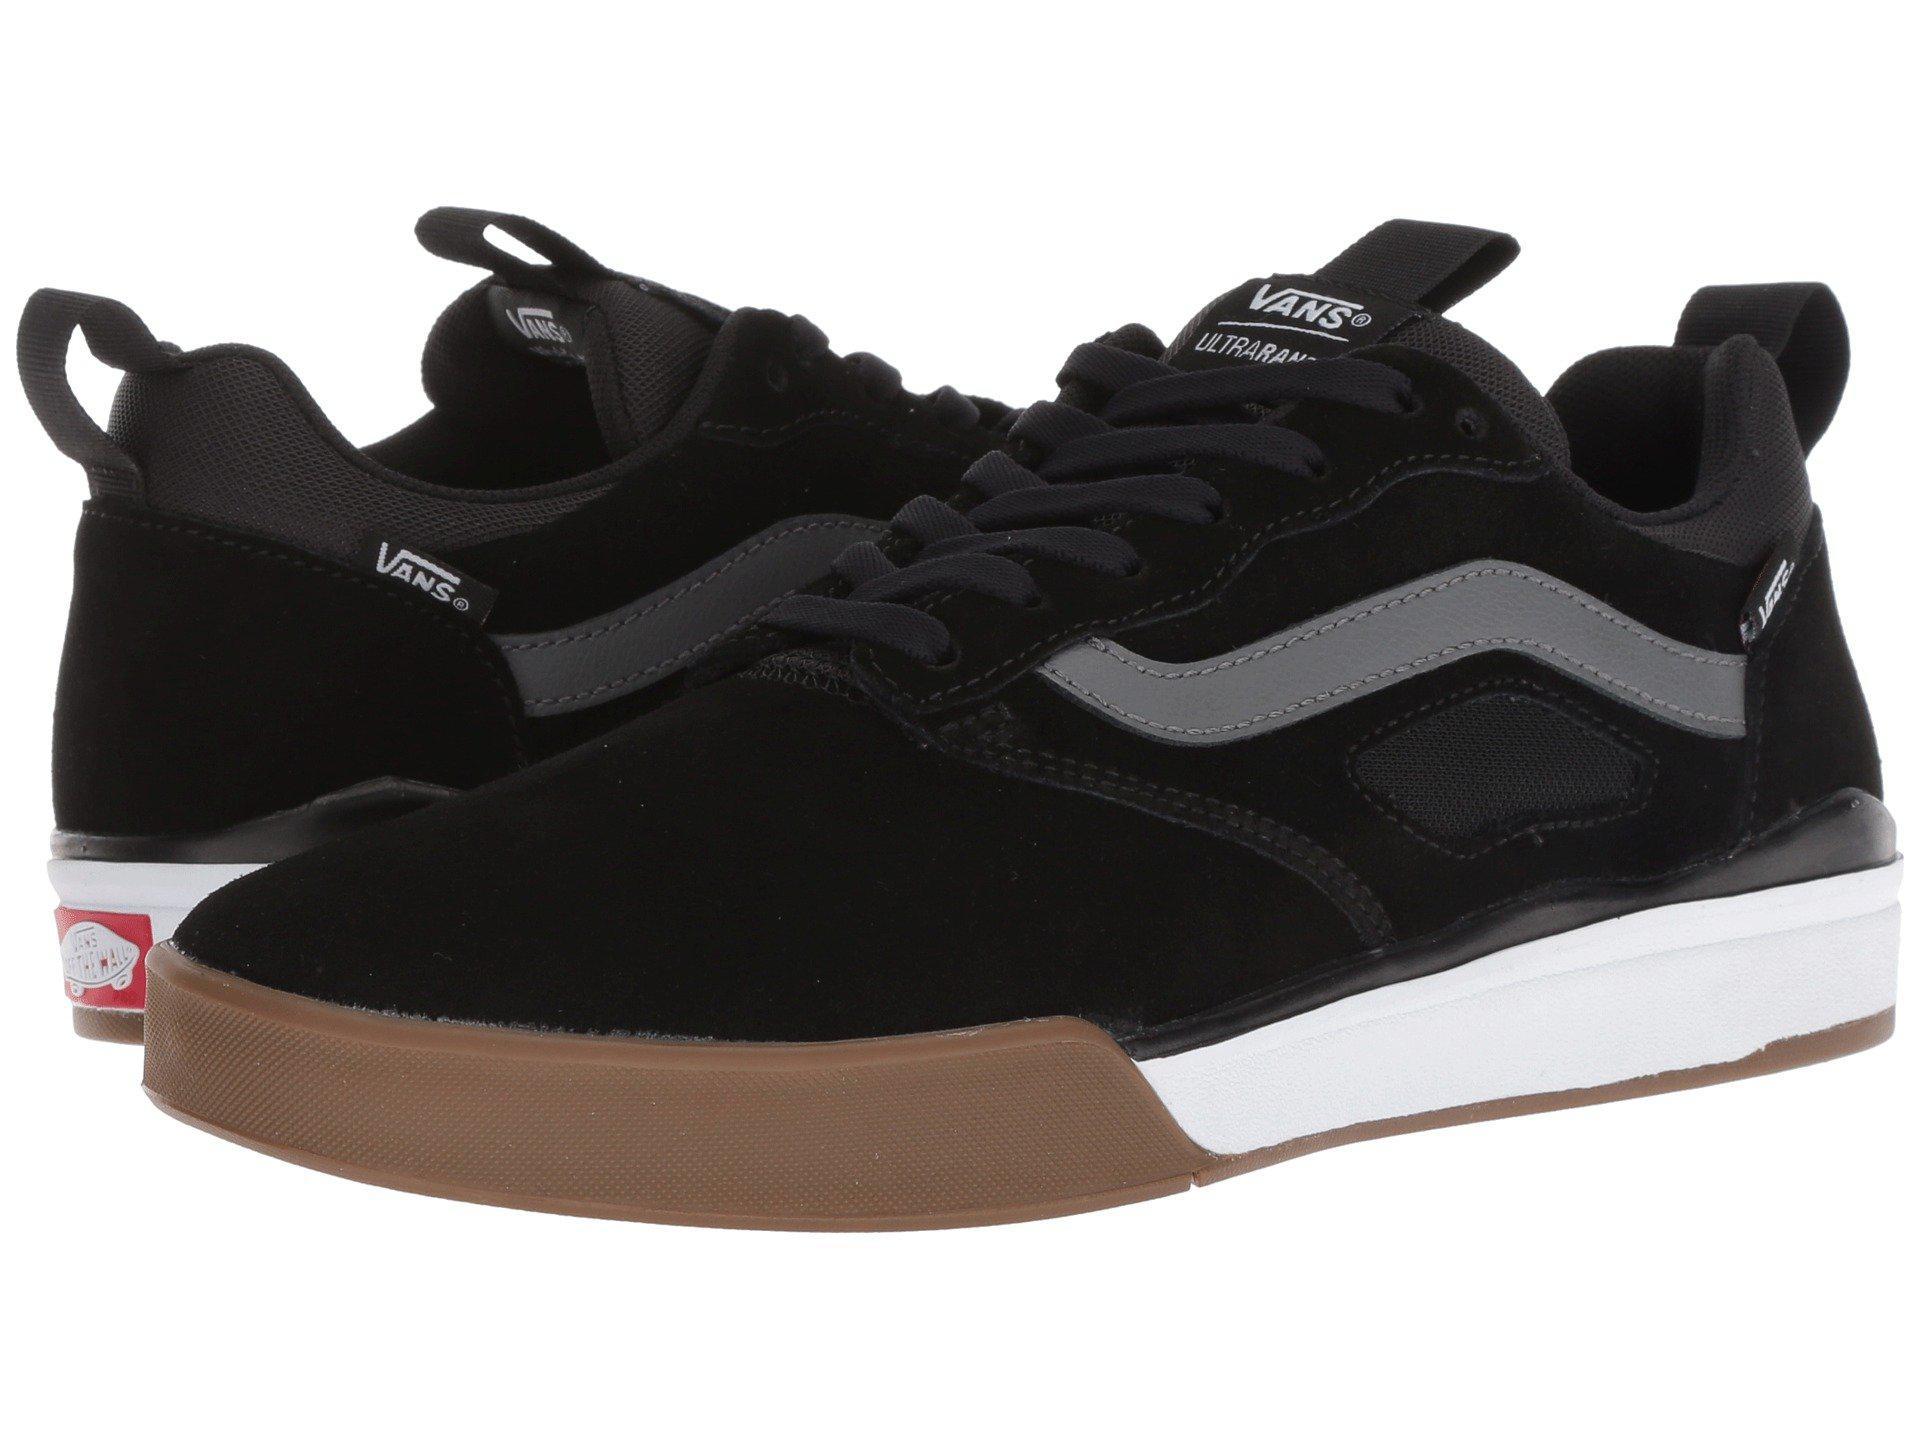 1d8c8f70b30 Ultrarange In Men s Black blackblack Pro Shoes Vans Skate Lyst Bq76wg7